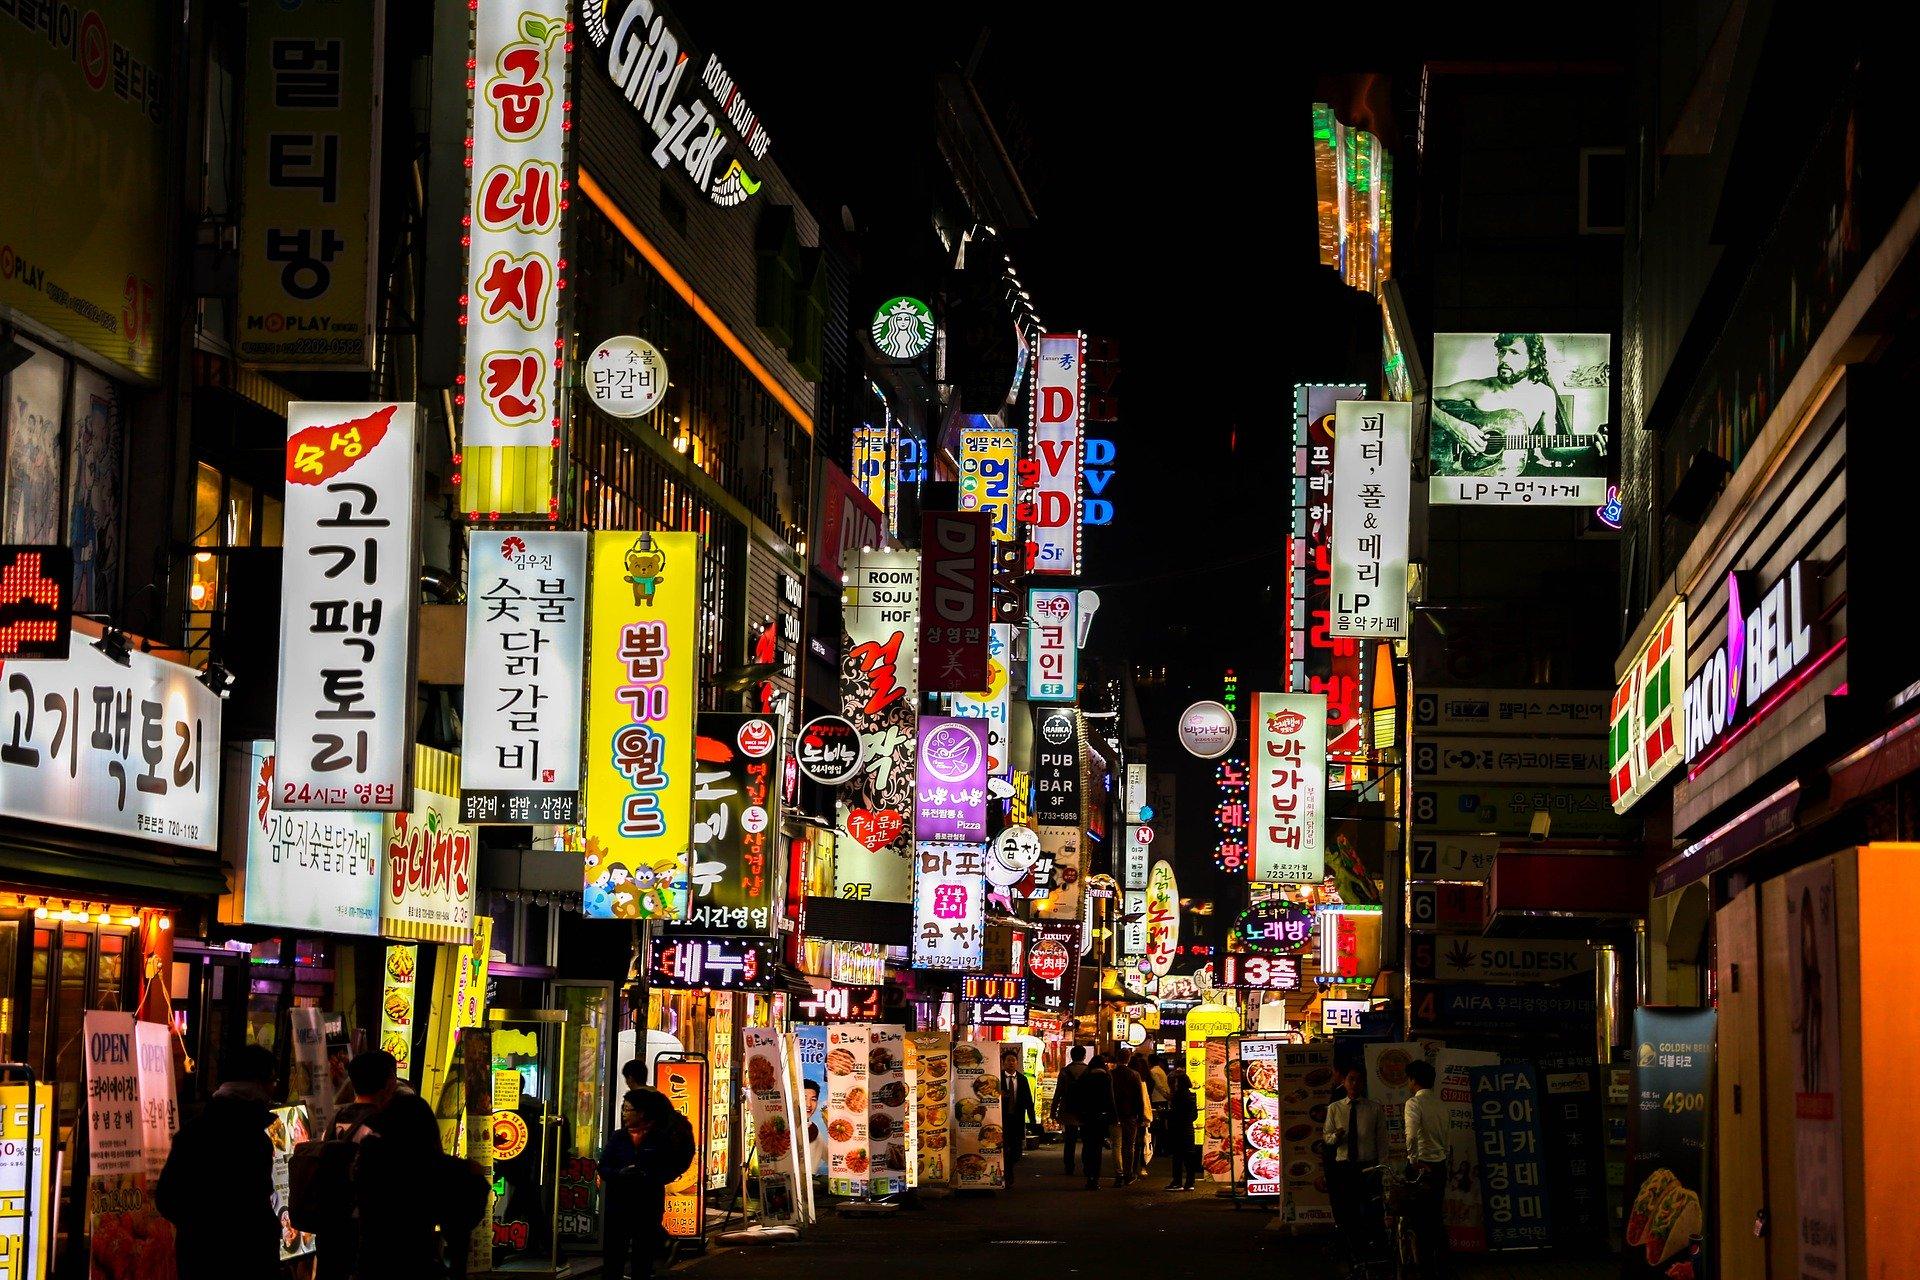 韓国グルメ「チャジャンミョン」が人気の理由は?味やおすすめの食べ方もチェック